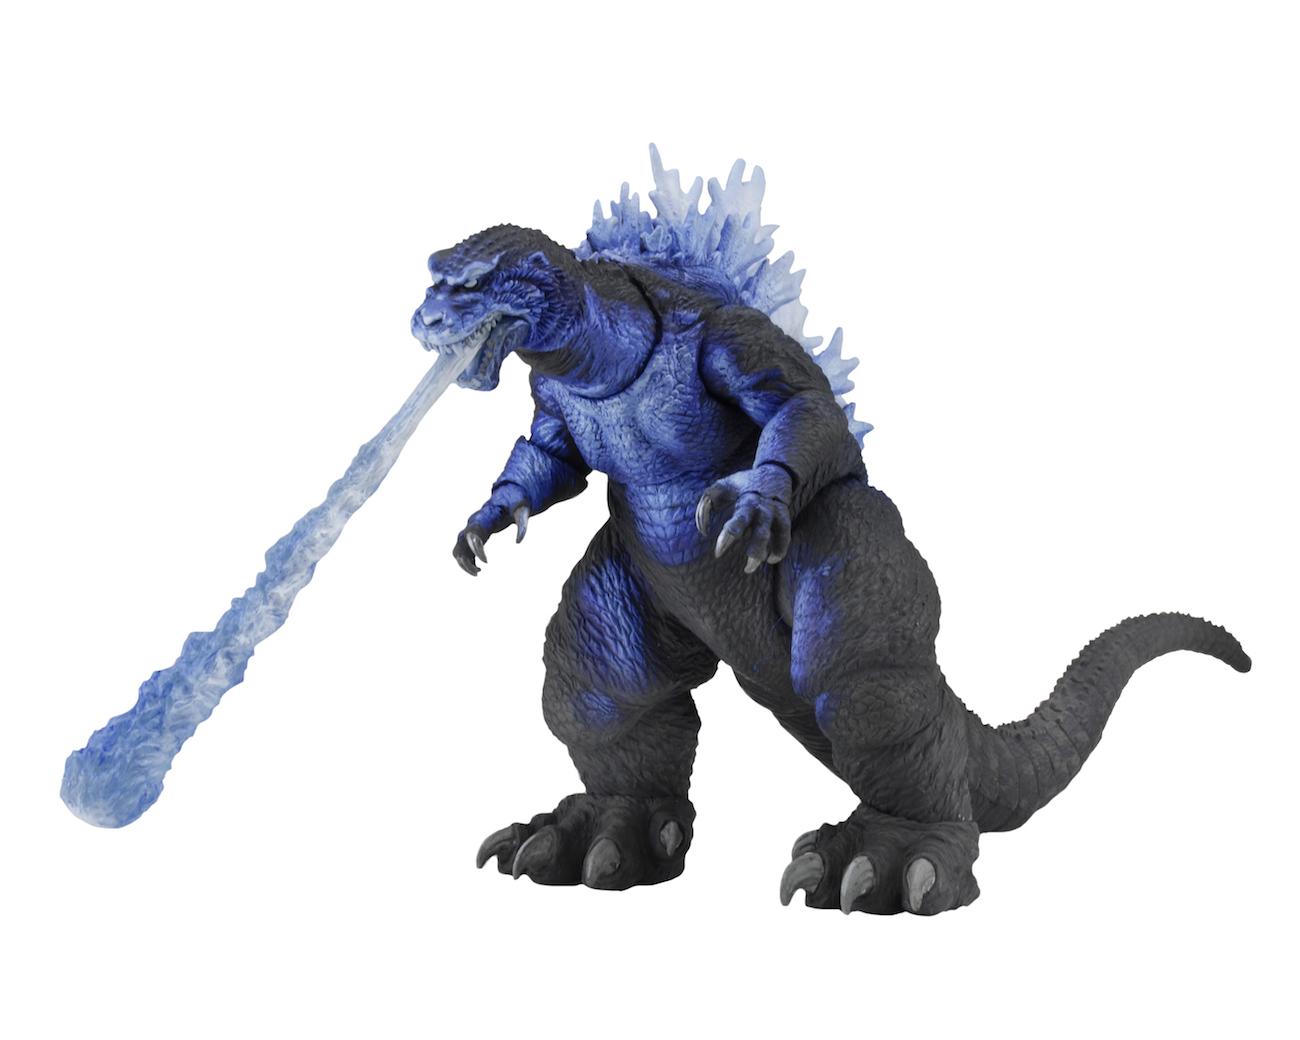 NECA Toys Announces Atomic Blast 2001 Godzilla – 12″ Head-To-Toe